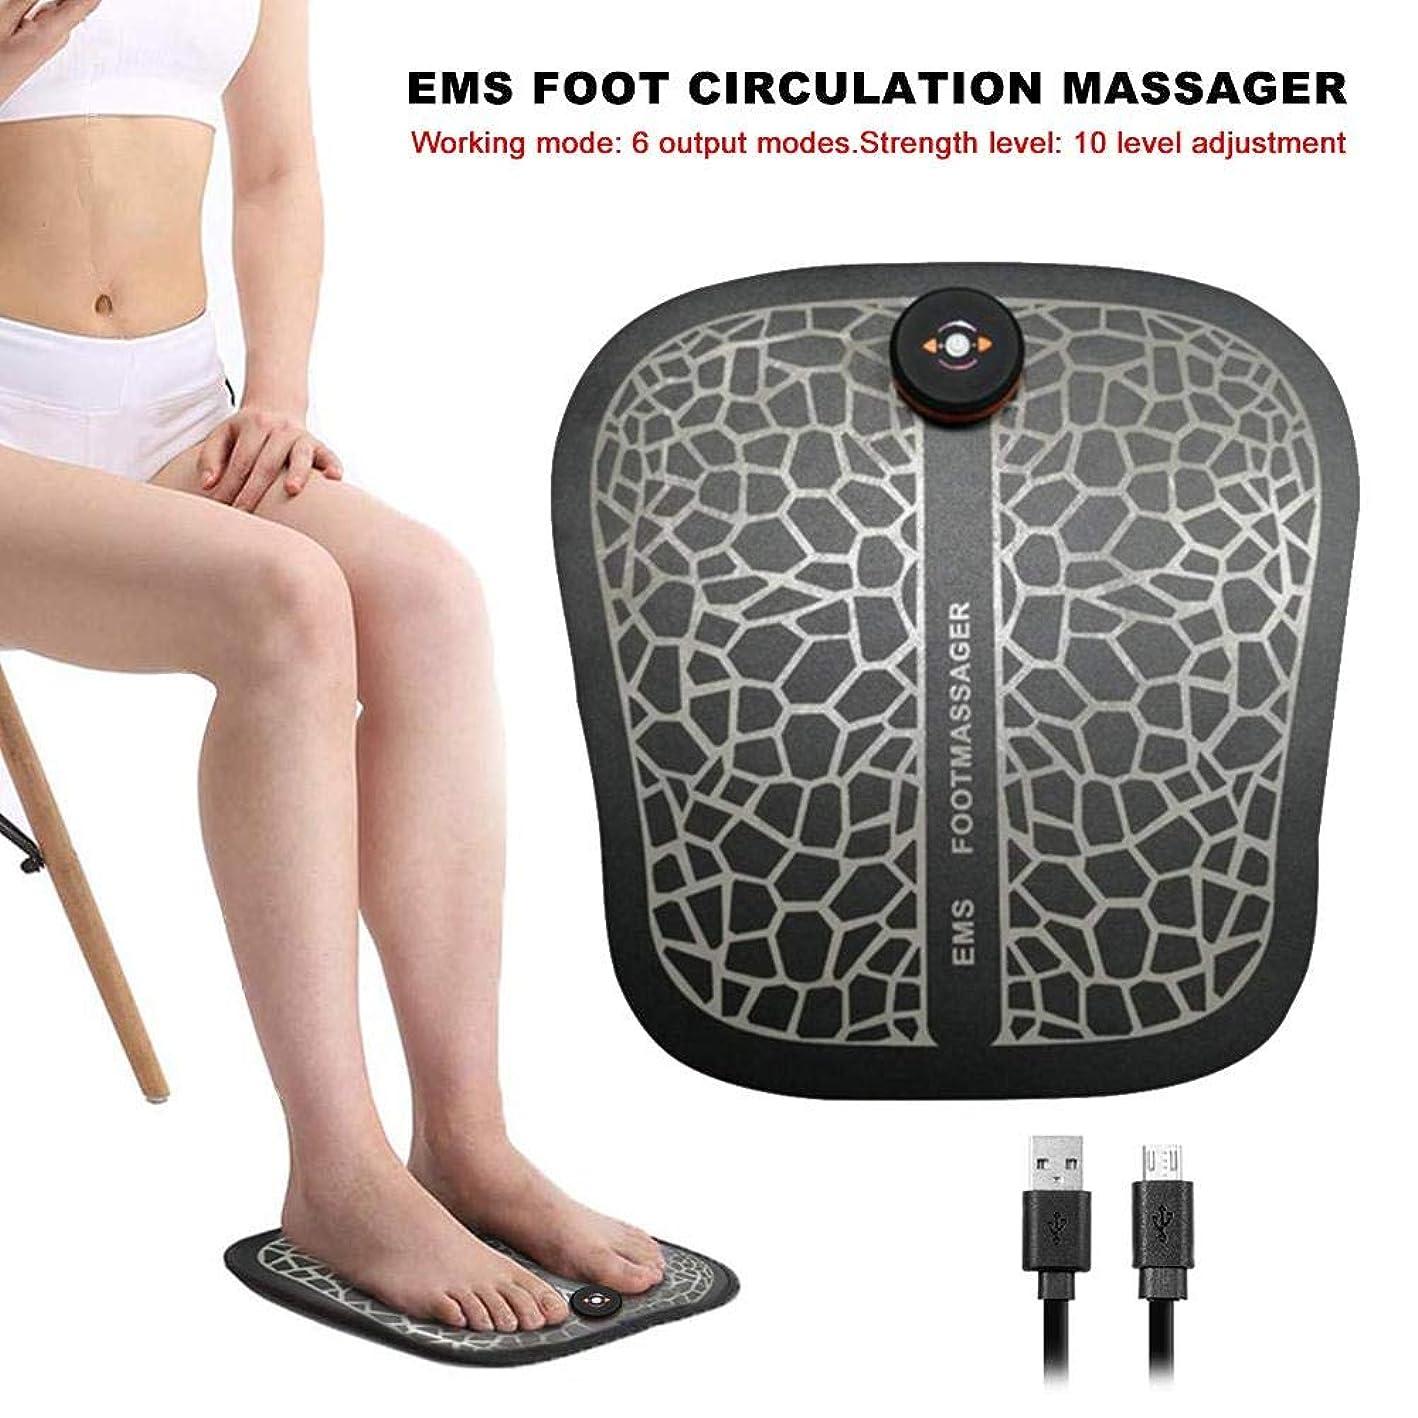 非アクティブ自動化食い違い足裏のマッサージ、EMSフットサーキュレーションマッサージ、サーキュレーションリリーフ痛みフットレッグ